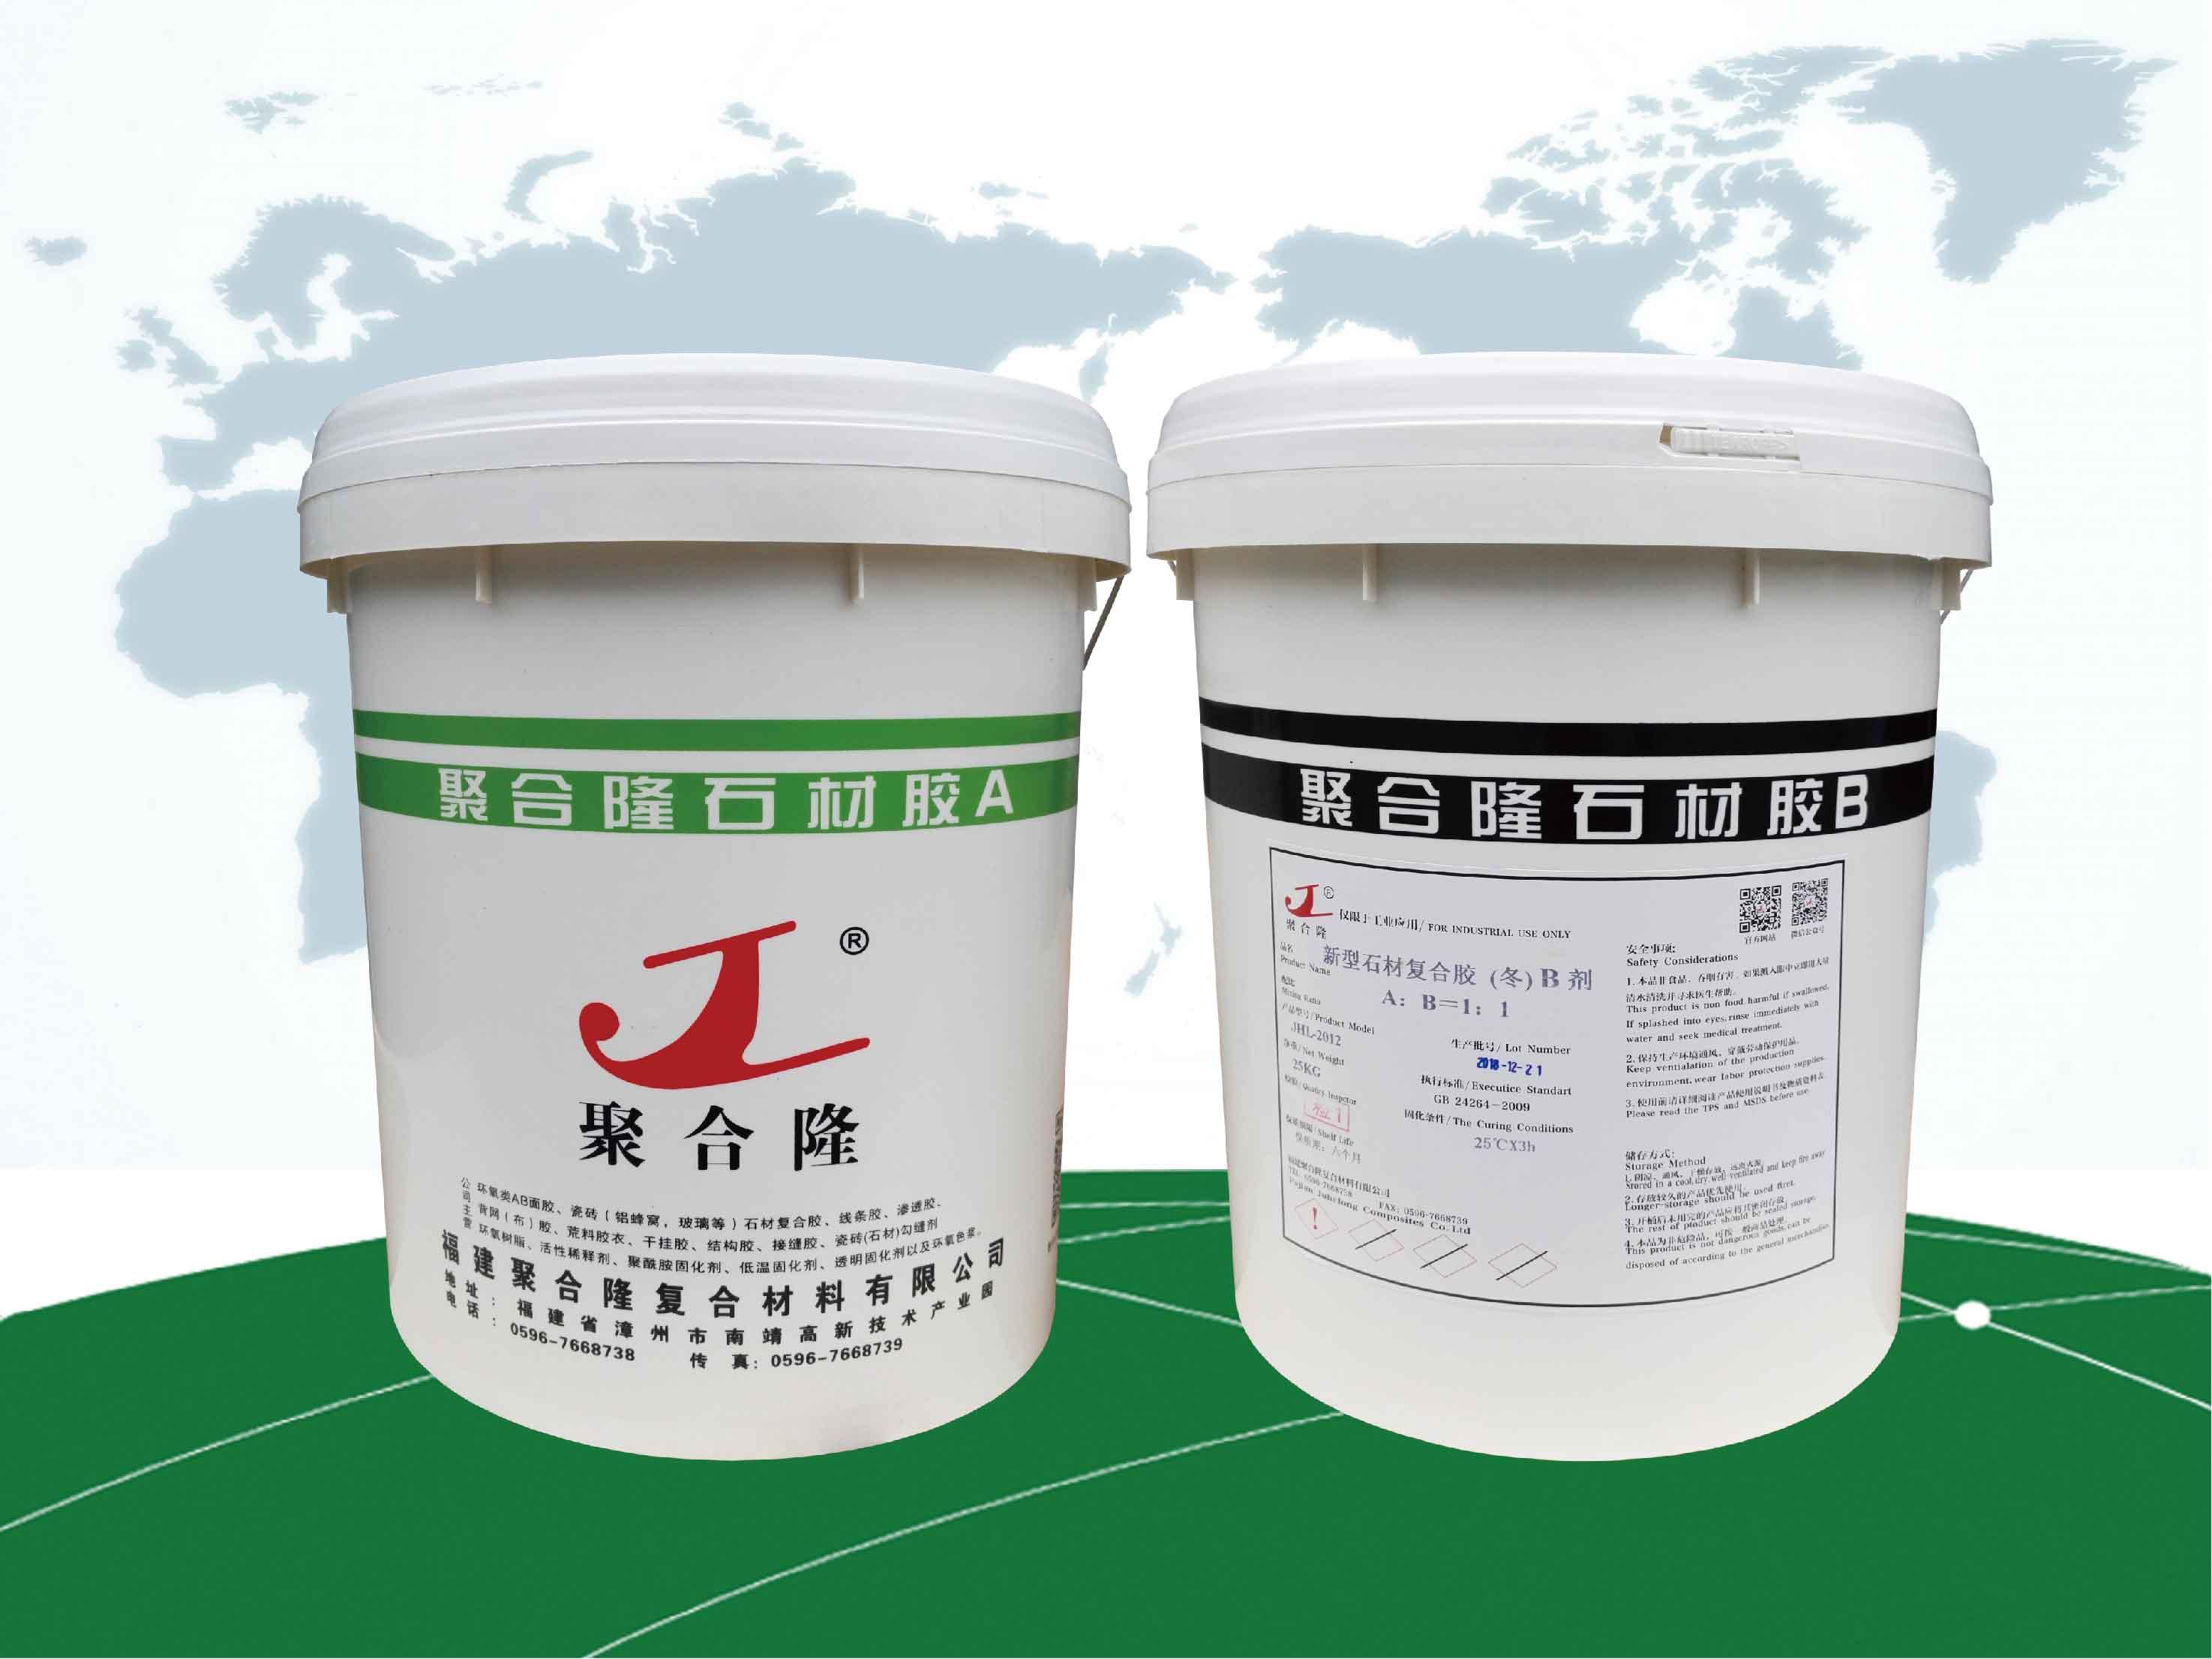 供应环氧石材ab胶 大理石花岗岩玉石瓷砖复合粘接安全环保双组份胶水